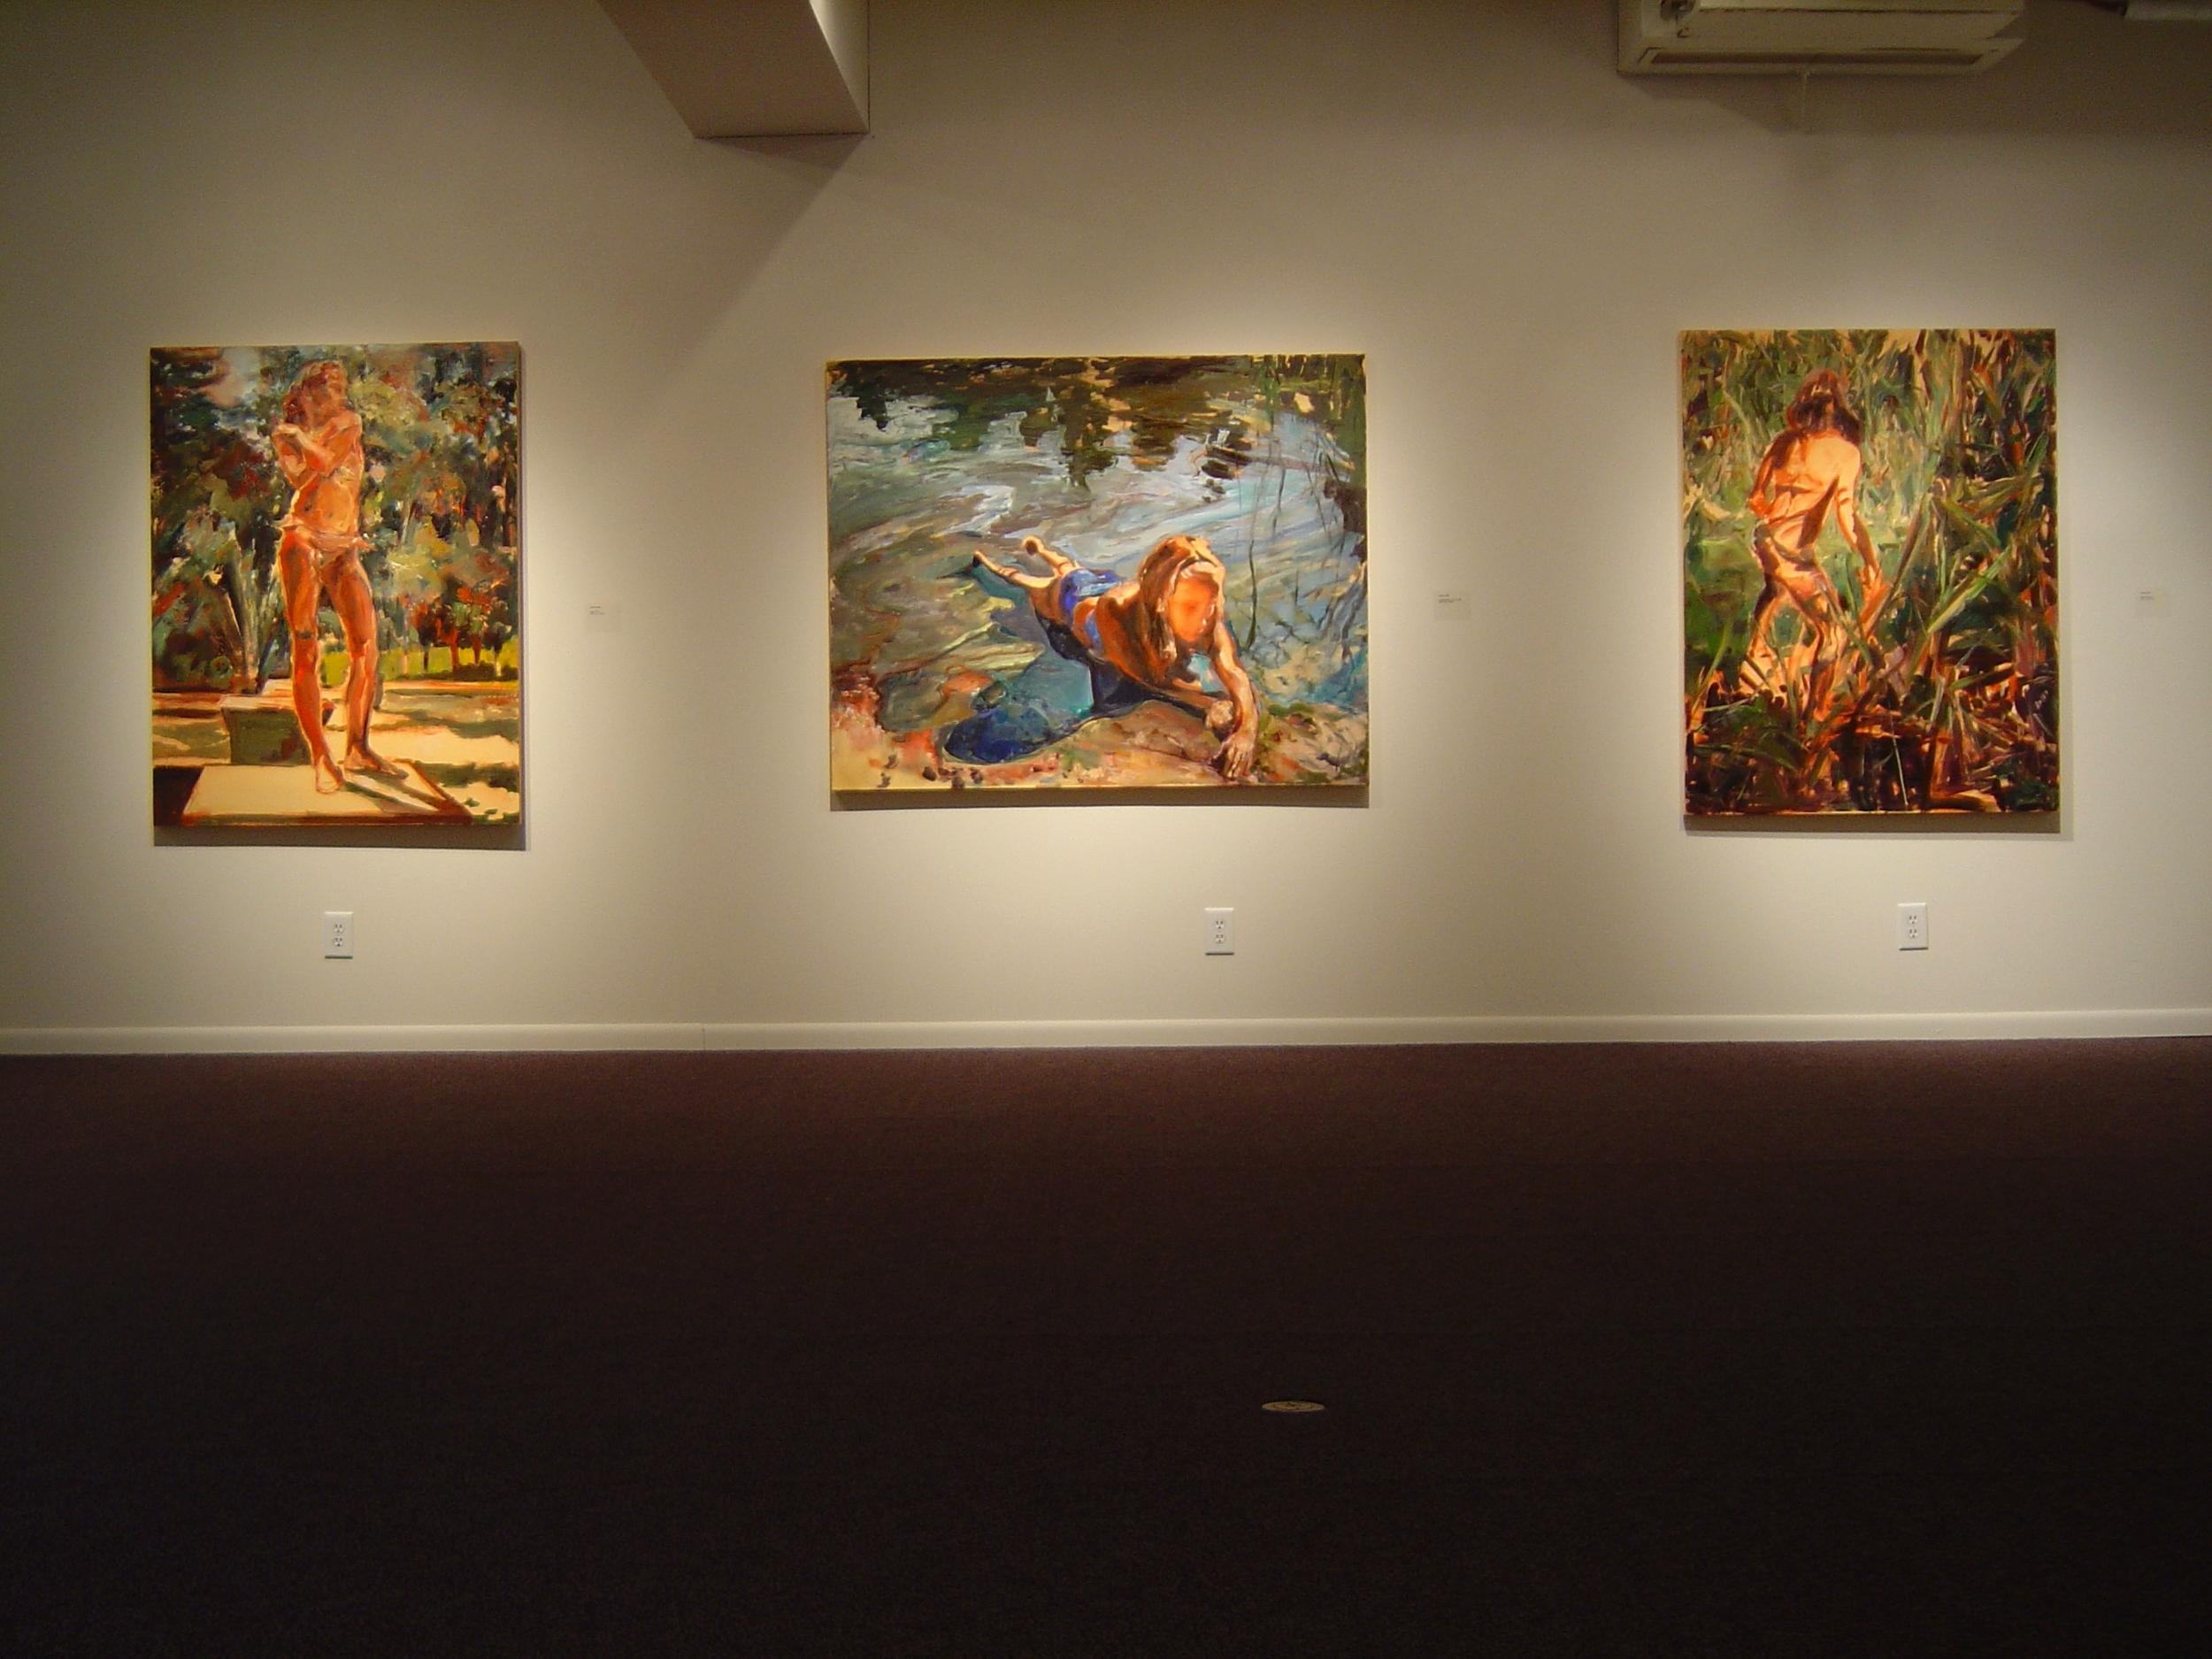 Vella Skidmore Fac Exh Schick Gallery 2006 2.JPG